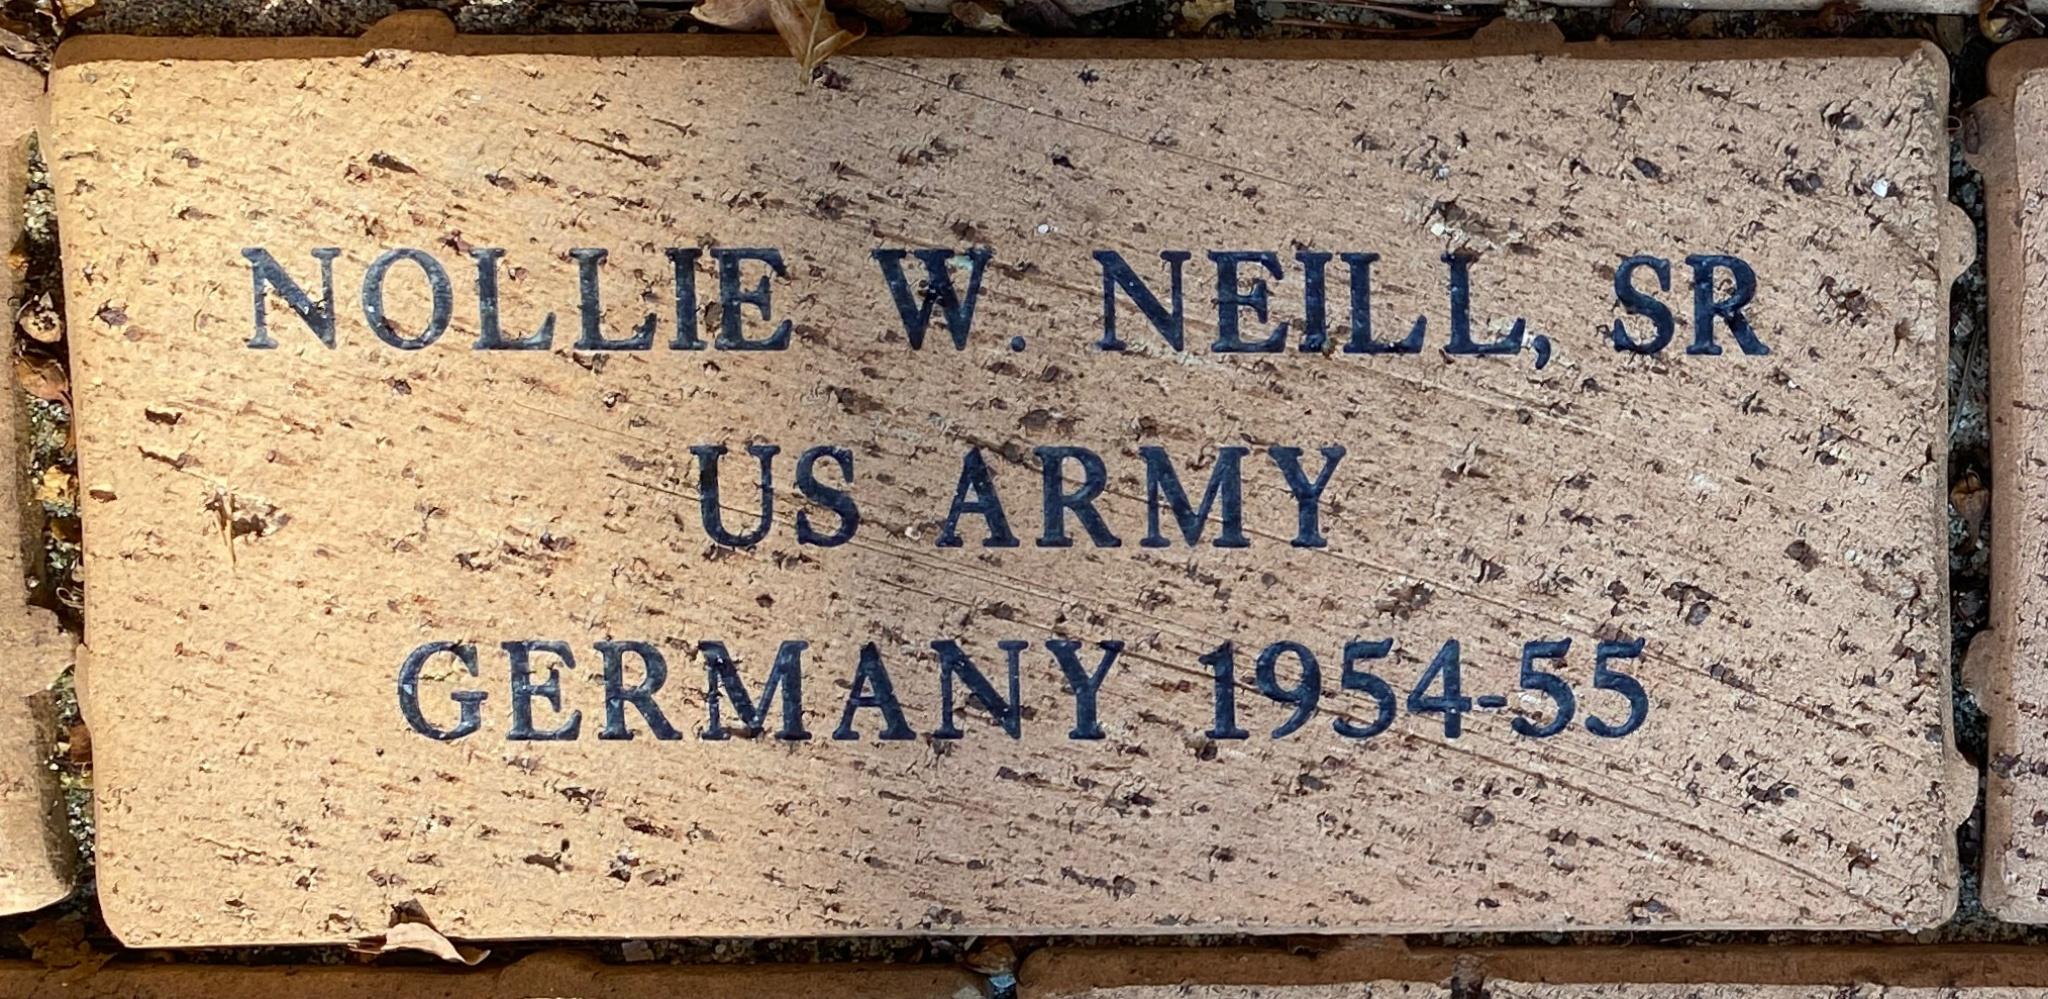 NOLLIE W. NEILL, SR US ARMY GERMANY 1954-55